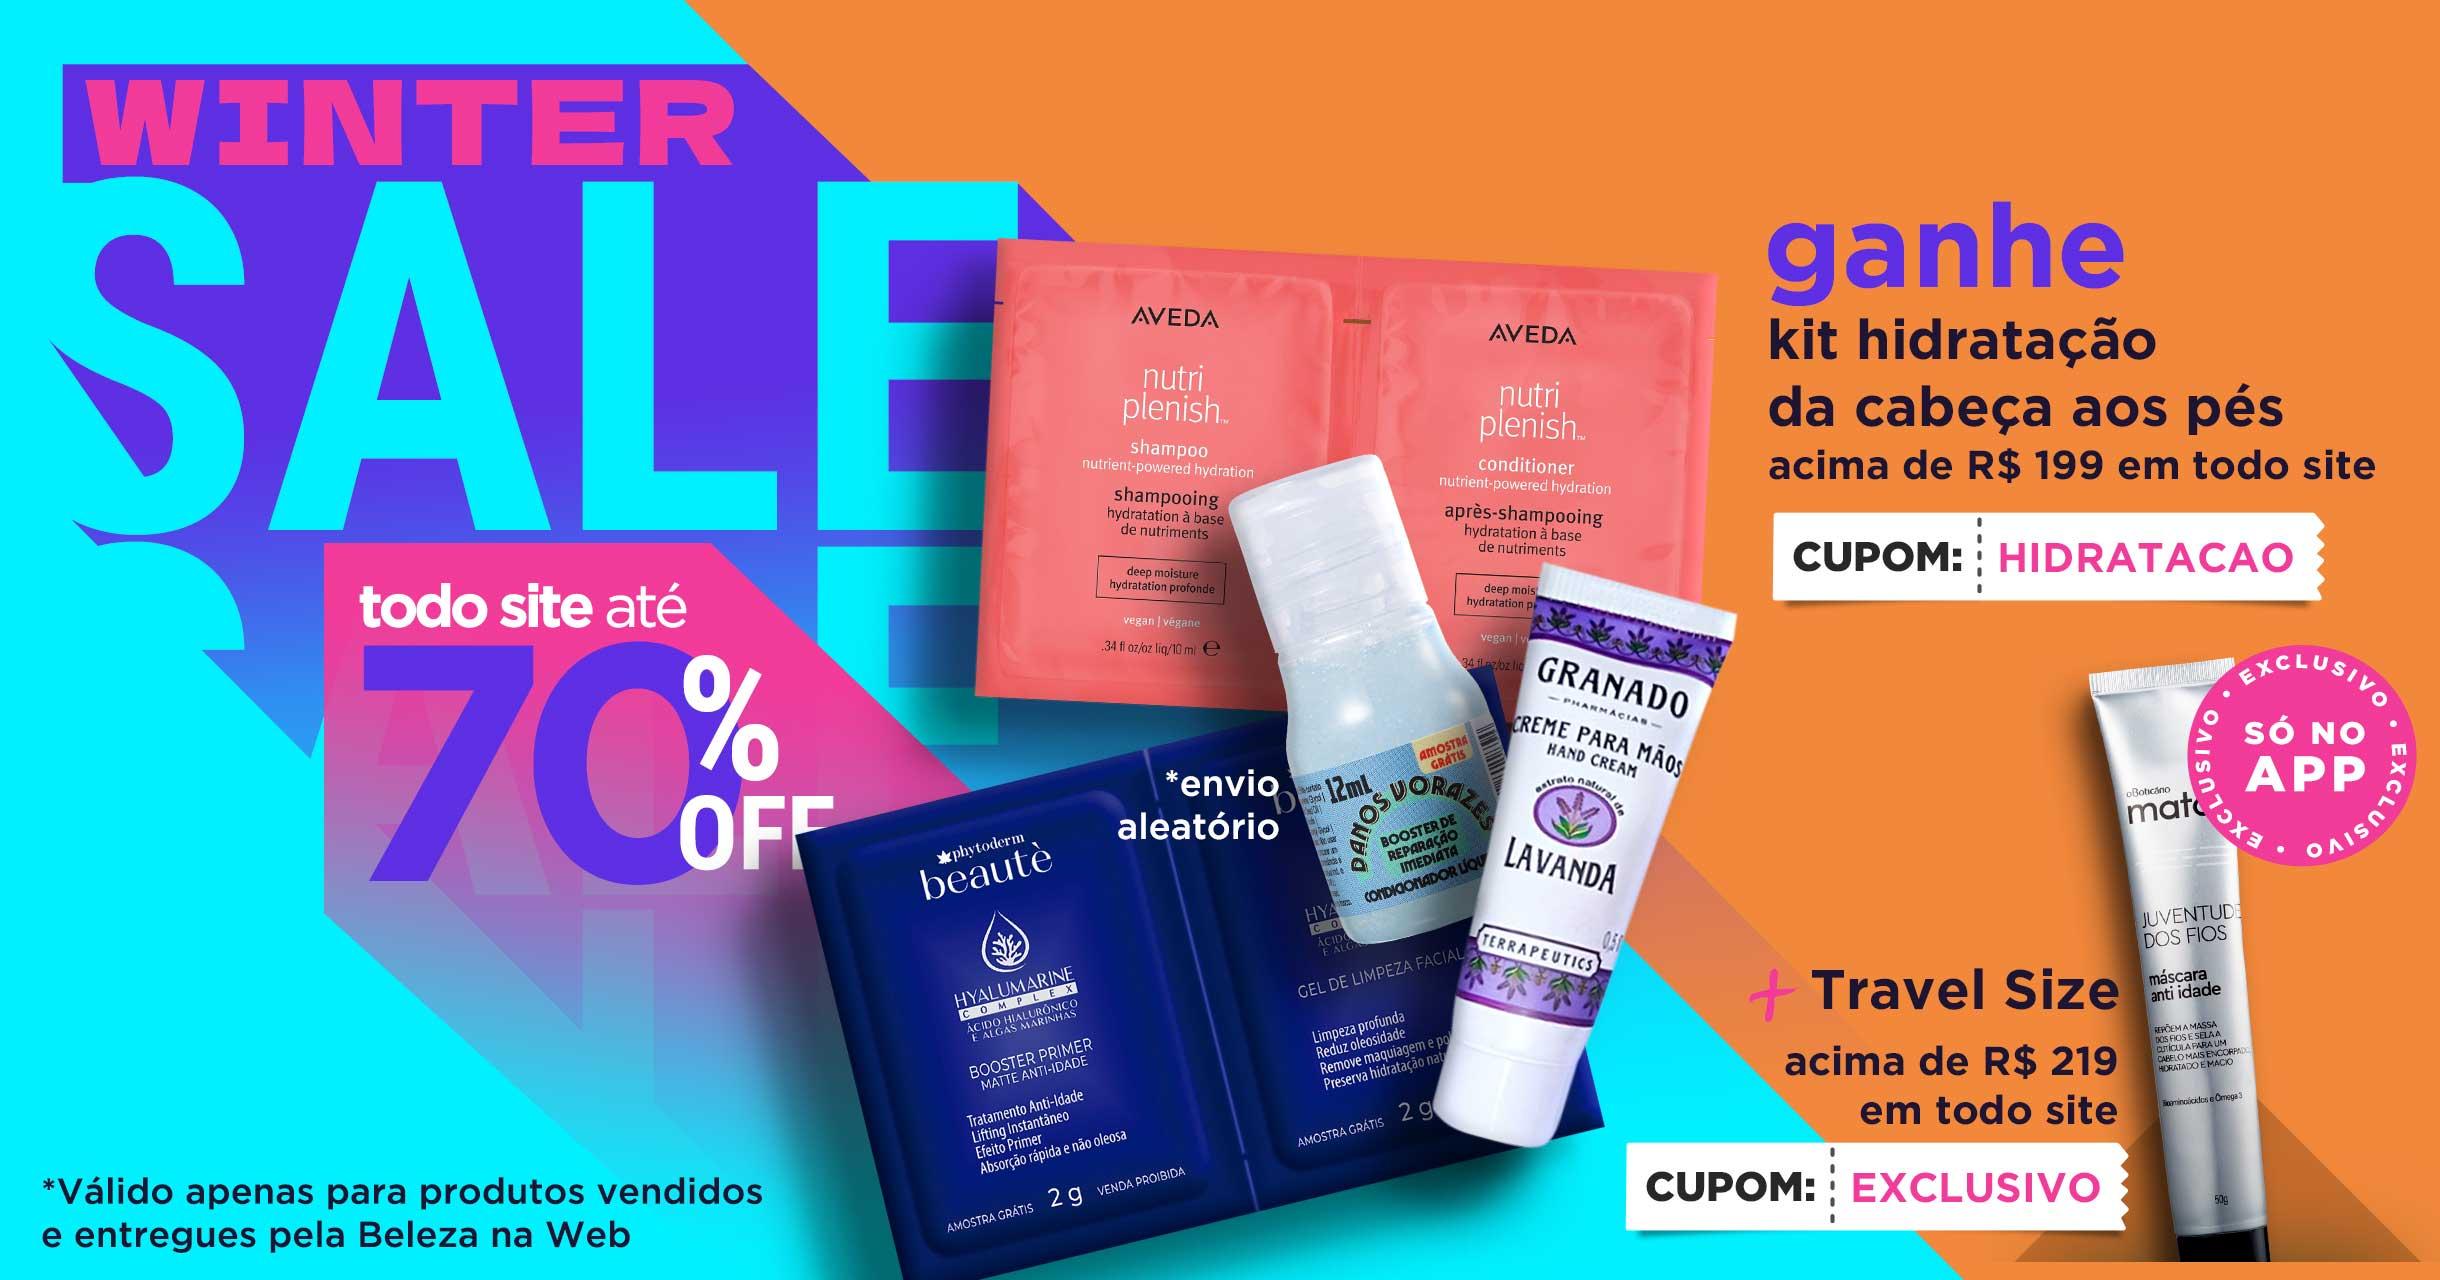 Winter Sale até 70%OFF